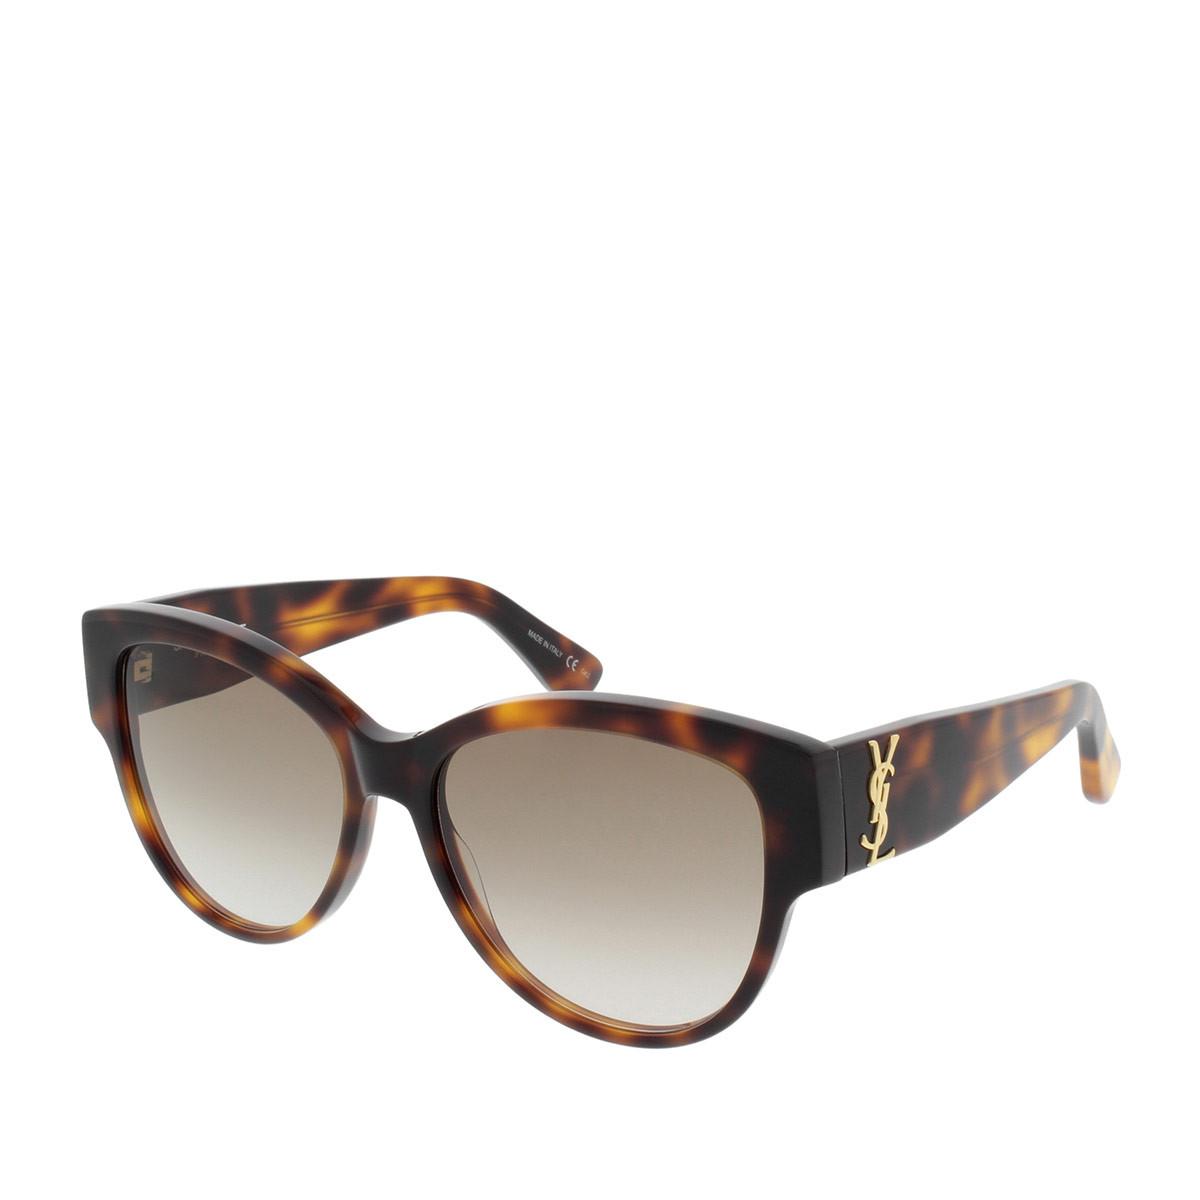 Saint Laurent Sonnenbrille - Monogram Sunglasses Avana/Brown SL M3 005 55 - in braun - für Damen